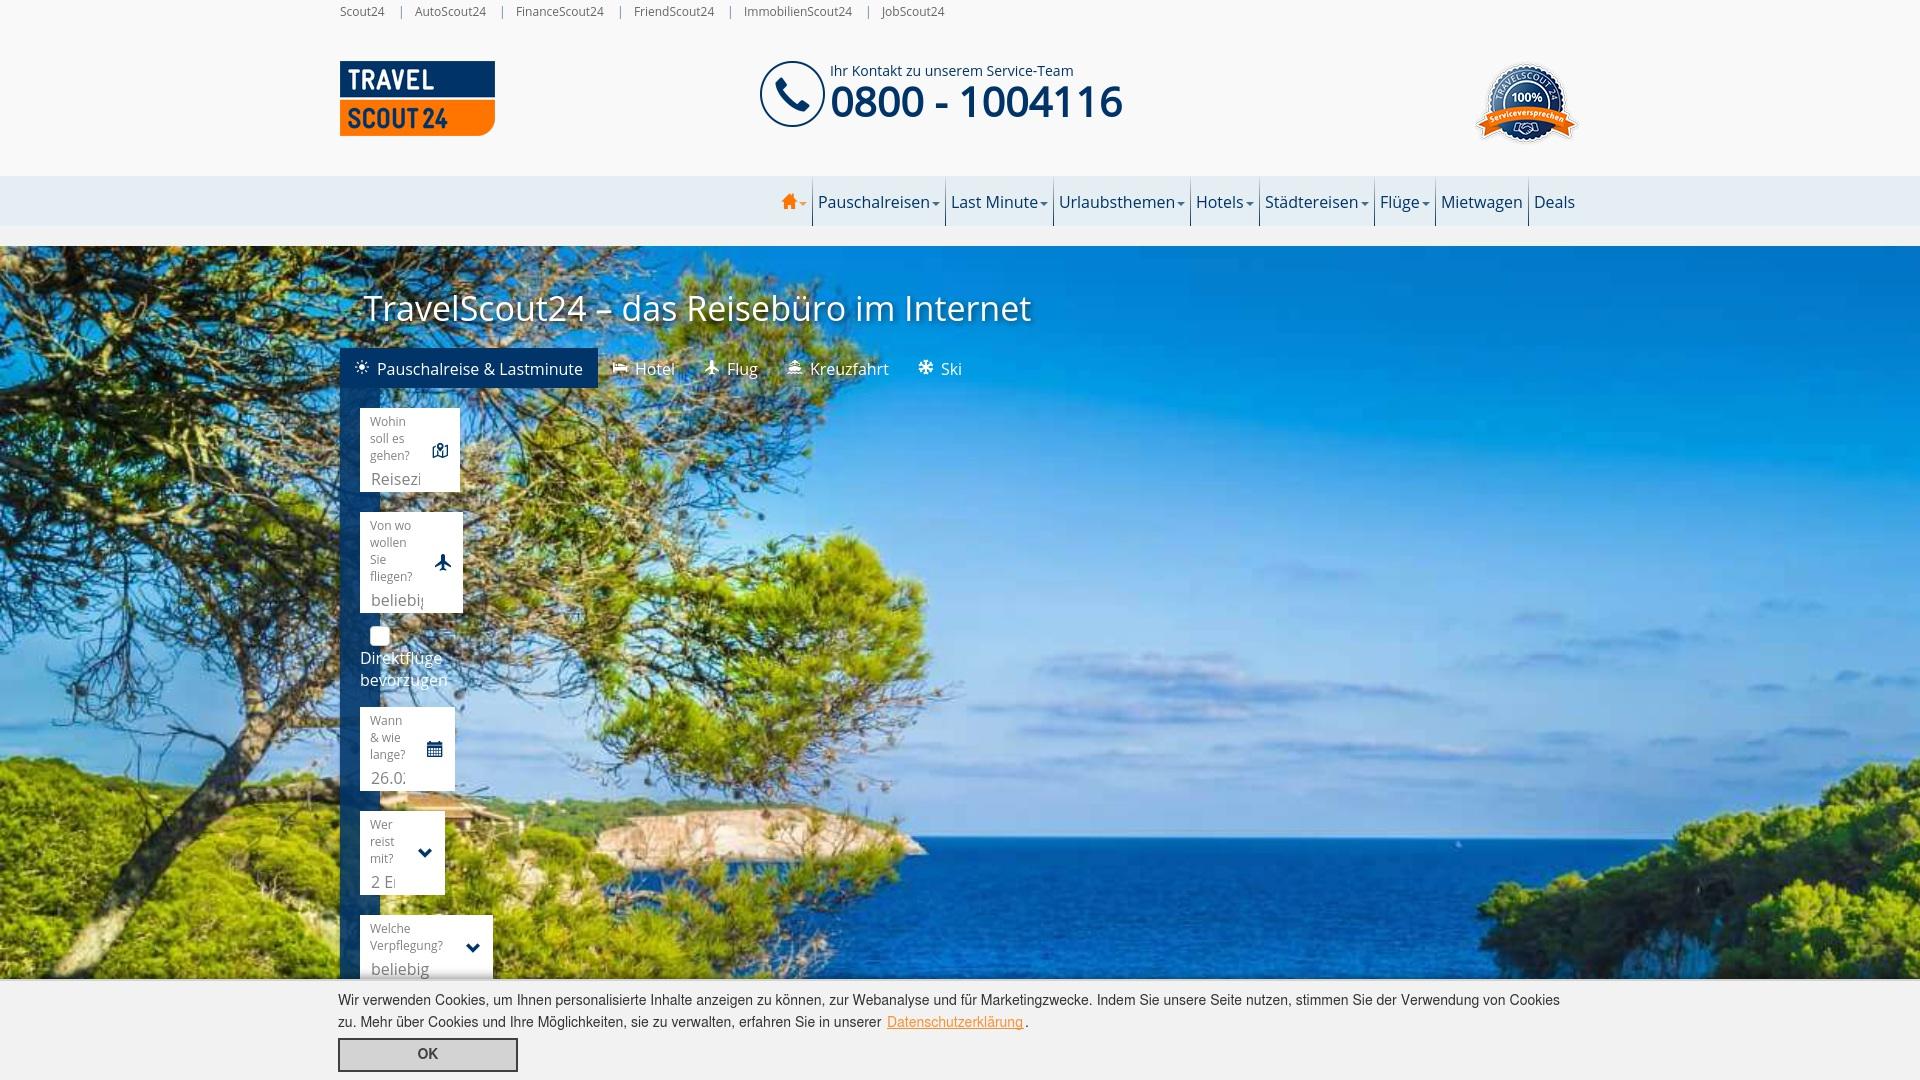 Gutschein für Travelscout24: Rabatte für  Travelscout24 sichern